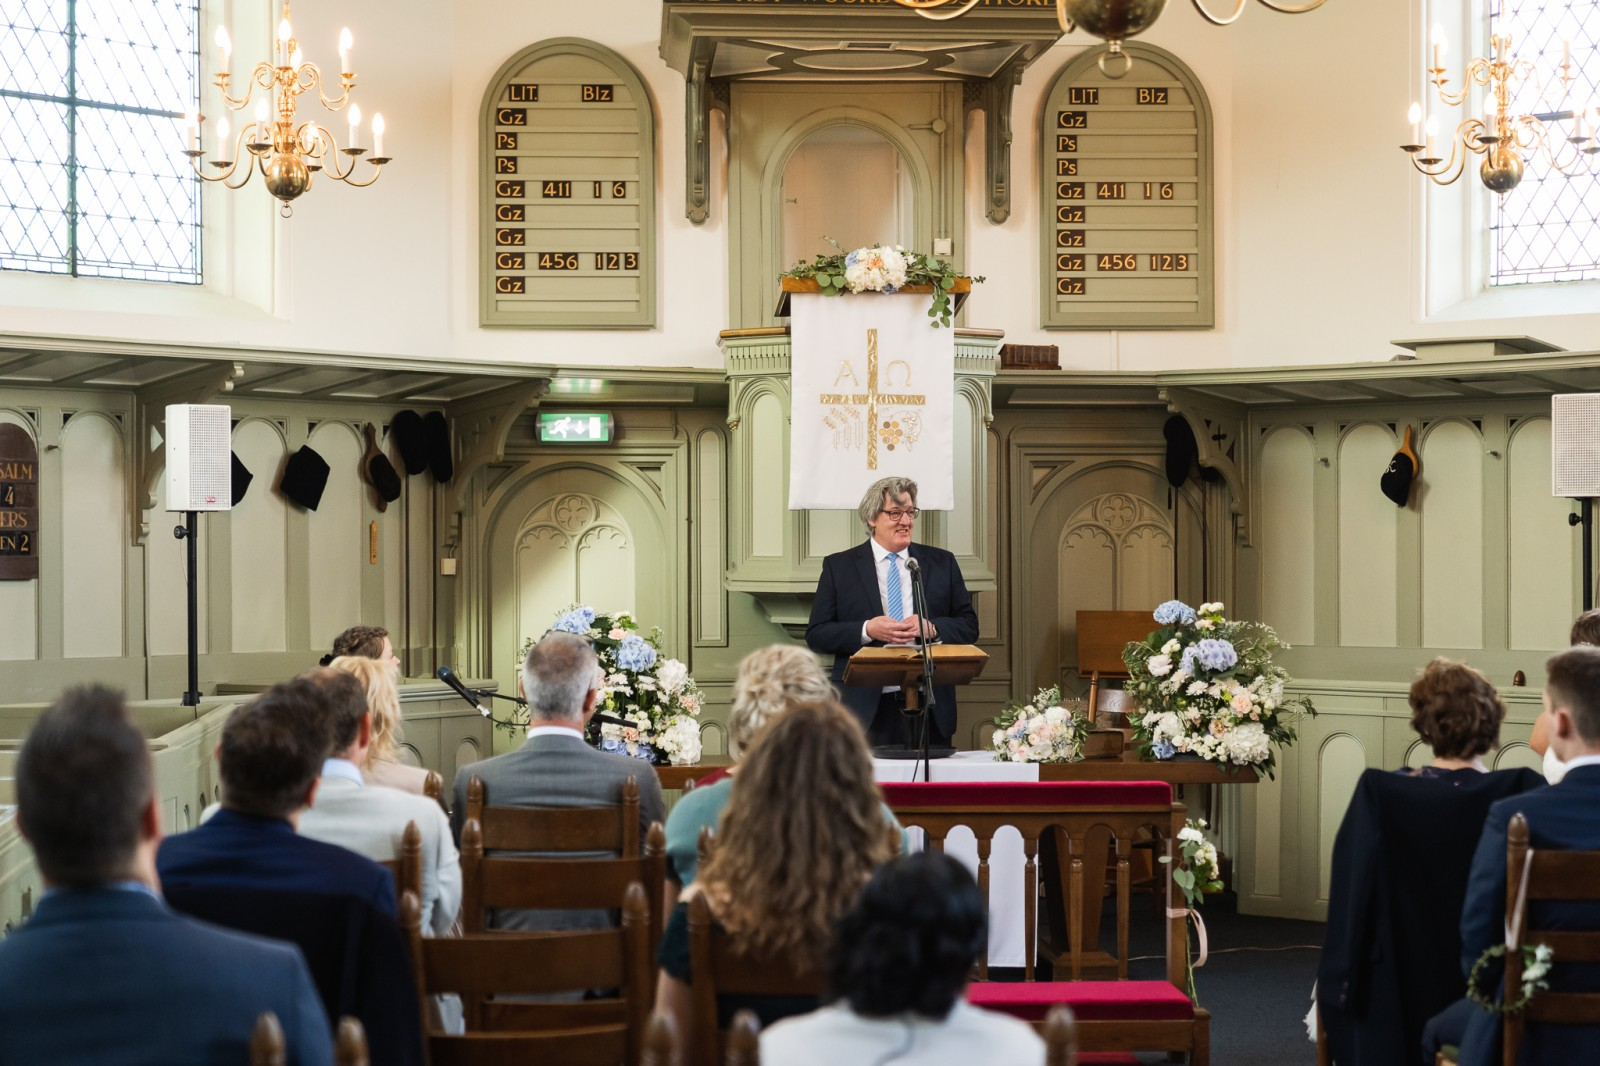 Kerkdienst huwelijk in Oud Zuilen